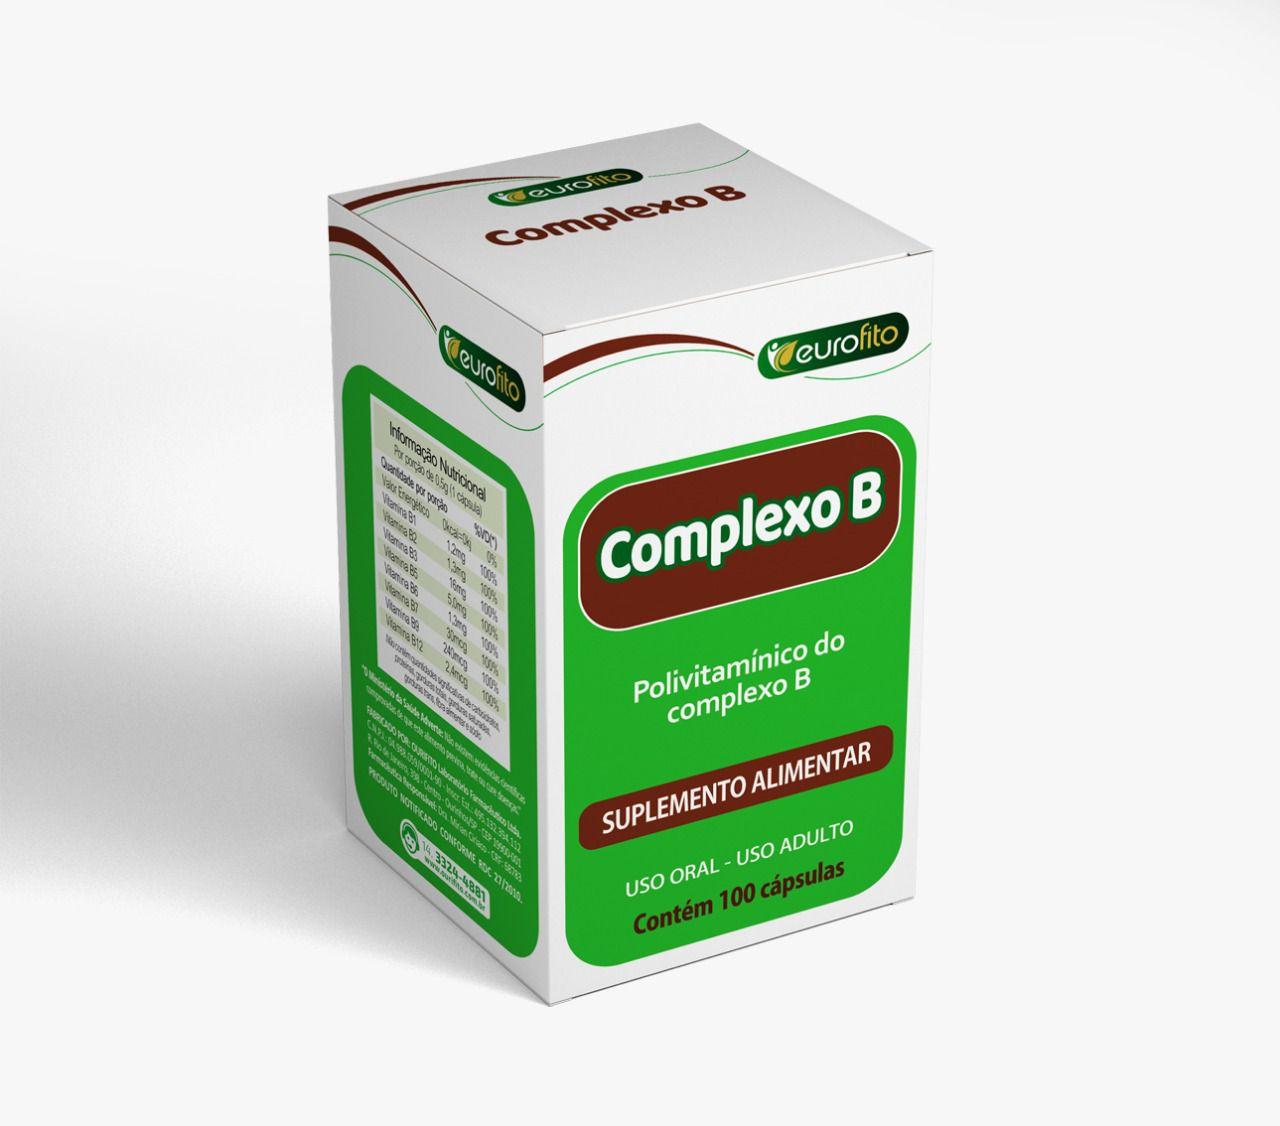 Combo Complexo B 500mg com 100 cápsulas - Eurofito - 6 caixas